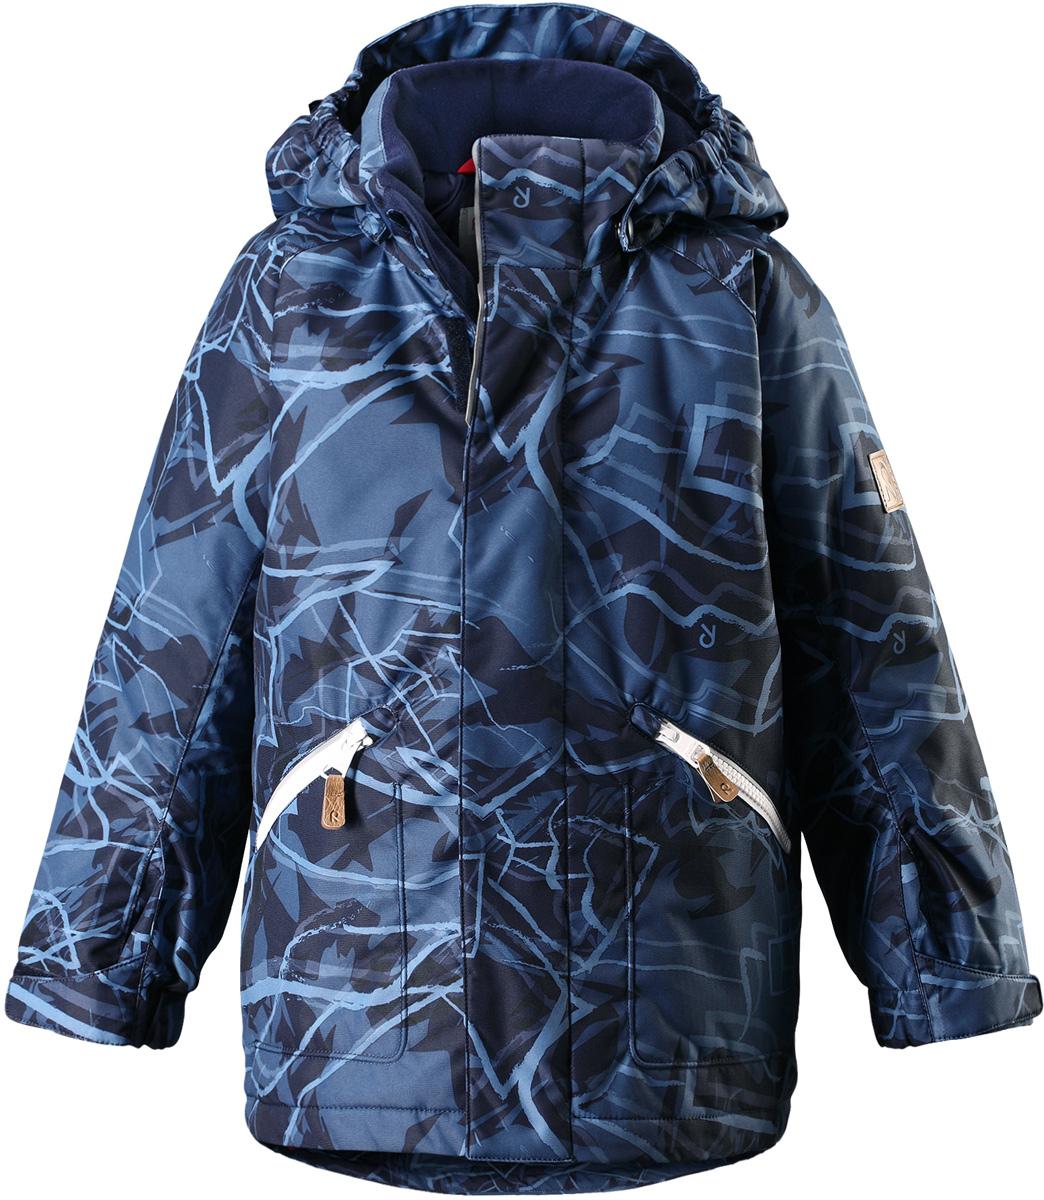 Куртка детская Reima Reimatec Nappaa, цвет: синий. 5215136988. Размер 1345215136988Детская зимняя куртка Reimatec изготовлена из износостойкого, водо- и ветронепроницаемого, дышащего материала с водо- и грязеотталкивающей поверхностью. Основные швы в куртке проклеены и водонепроницаемы, поэтому неожиданный снегопад или дождь не помешает веселым играм на свежем воздухе! Эта куртка с подкладкой из гладкого полиэстера легко надевается, и ее очень удобно носить. Благодаря регулируемой талии и подолу, эта куртка прямого кроя отлично сидит по фигуре. Капюшон снабжен кнопками. Это обеспечивает дополнительную безопасность во время активных прогулок – капюшон легко отстегивается, если случайно за что-нибудь зацепится. Регулируемые манжеты, два передних кармана на молнии и светоотражающие детали.Средняя степень утепления.